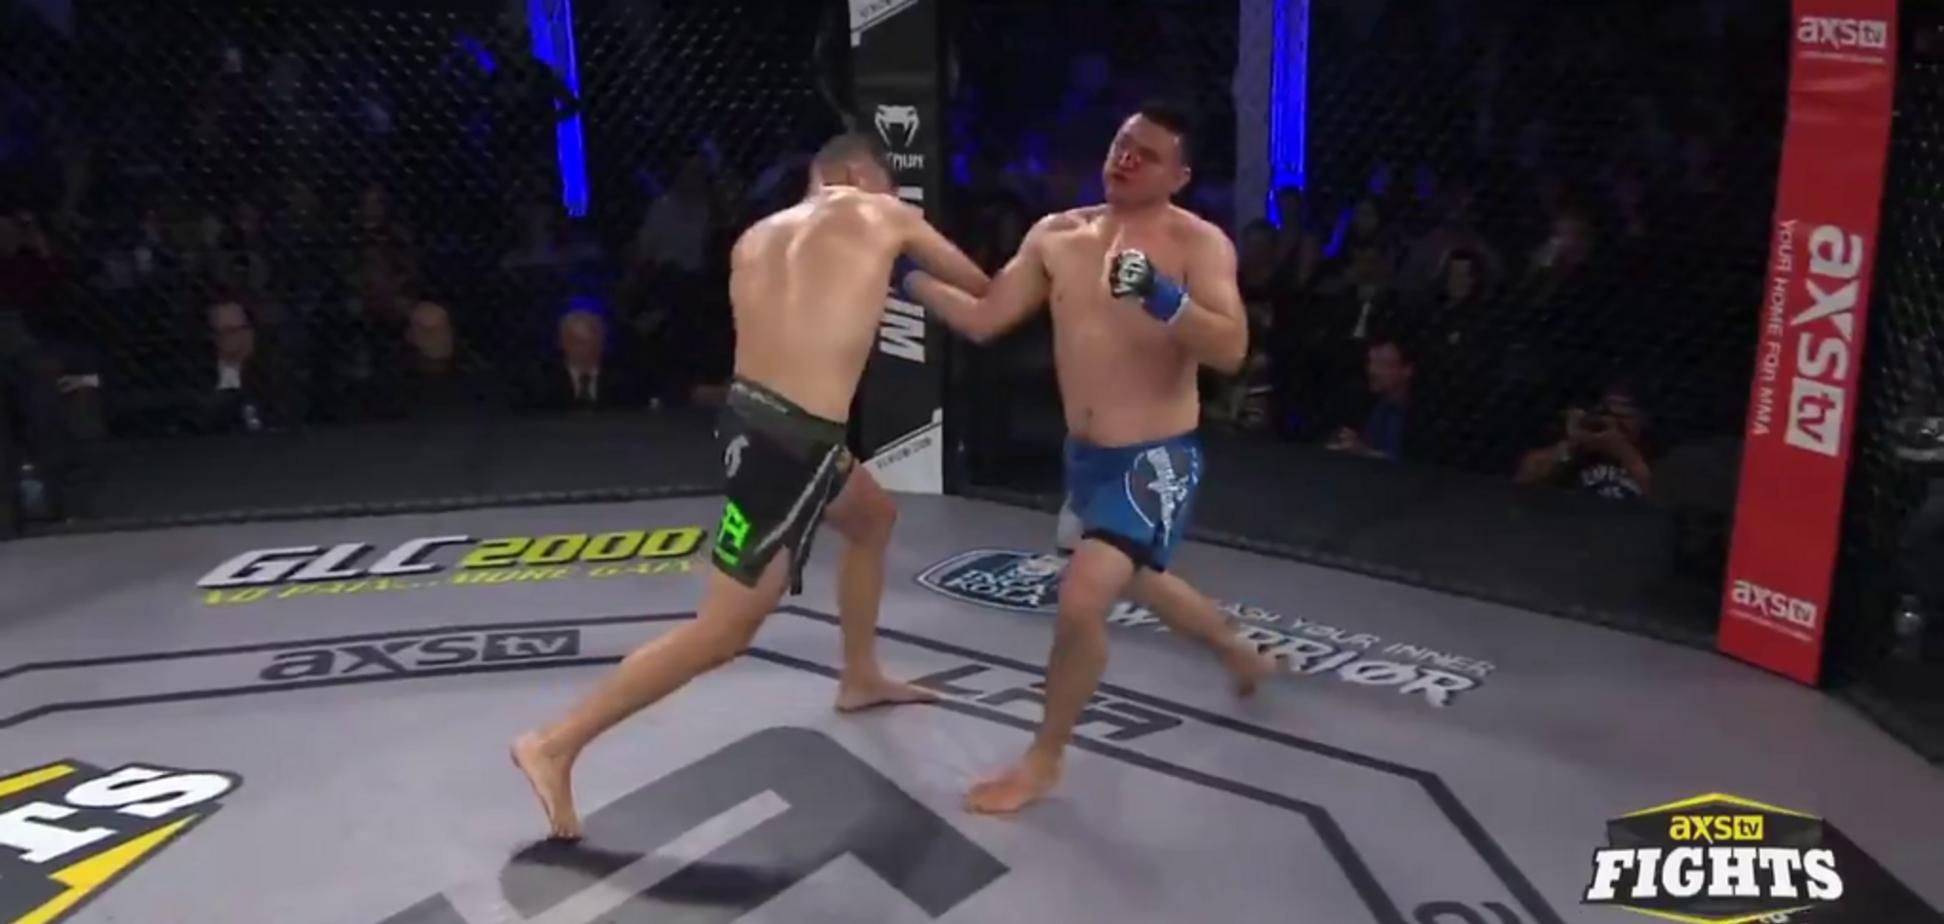 Боец MMA сложился вдвое после кровавого нокаута